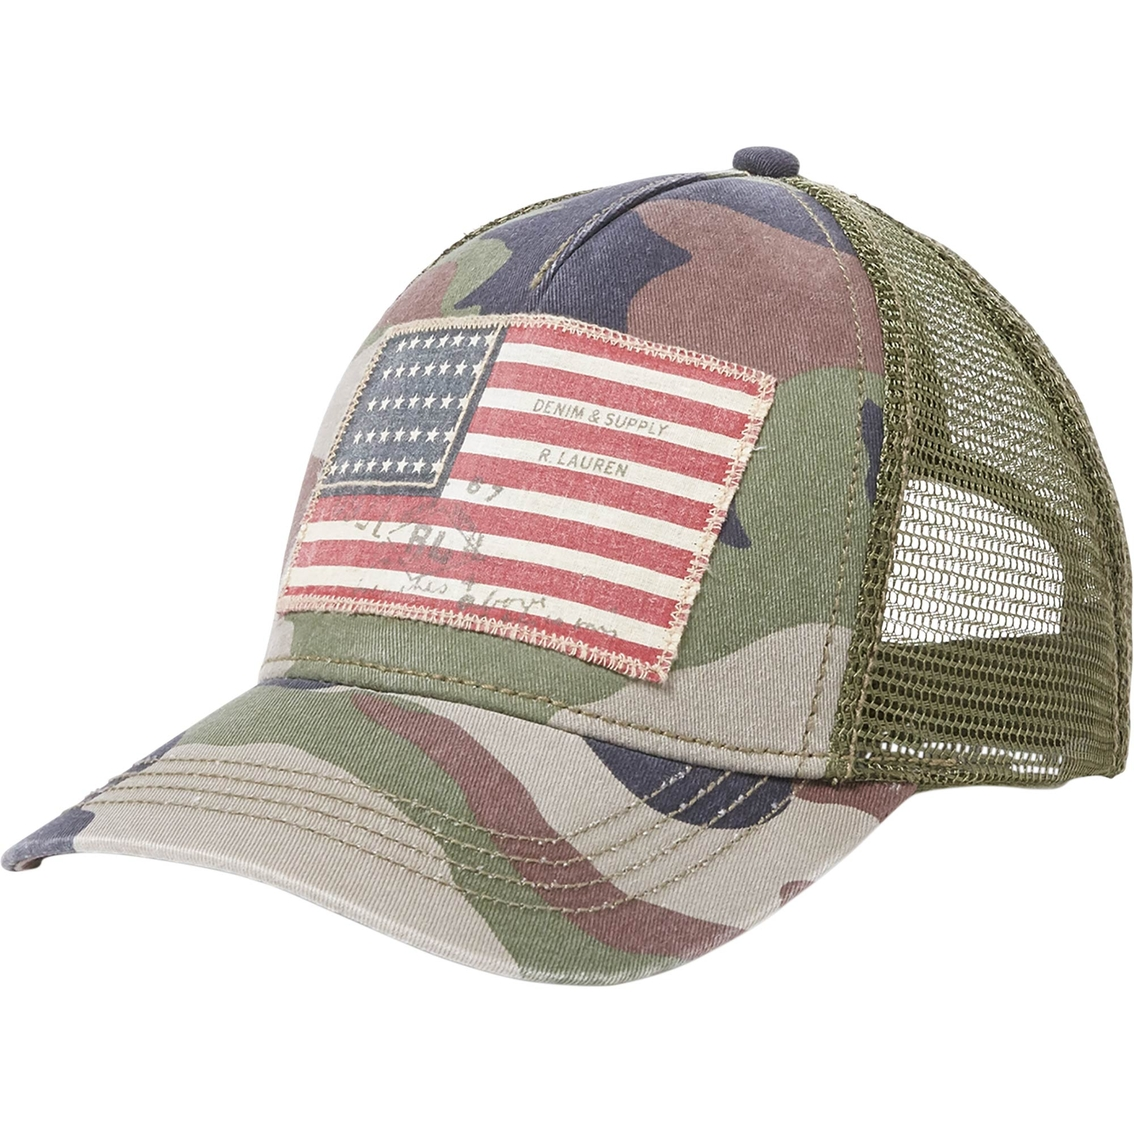 Denim   Supply Ralph Lauren Flag Trucker Hat  5dd64f9ad6723